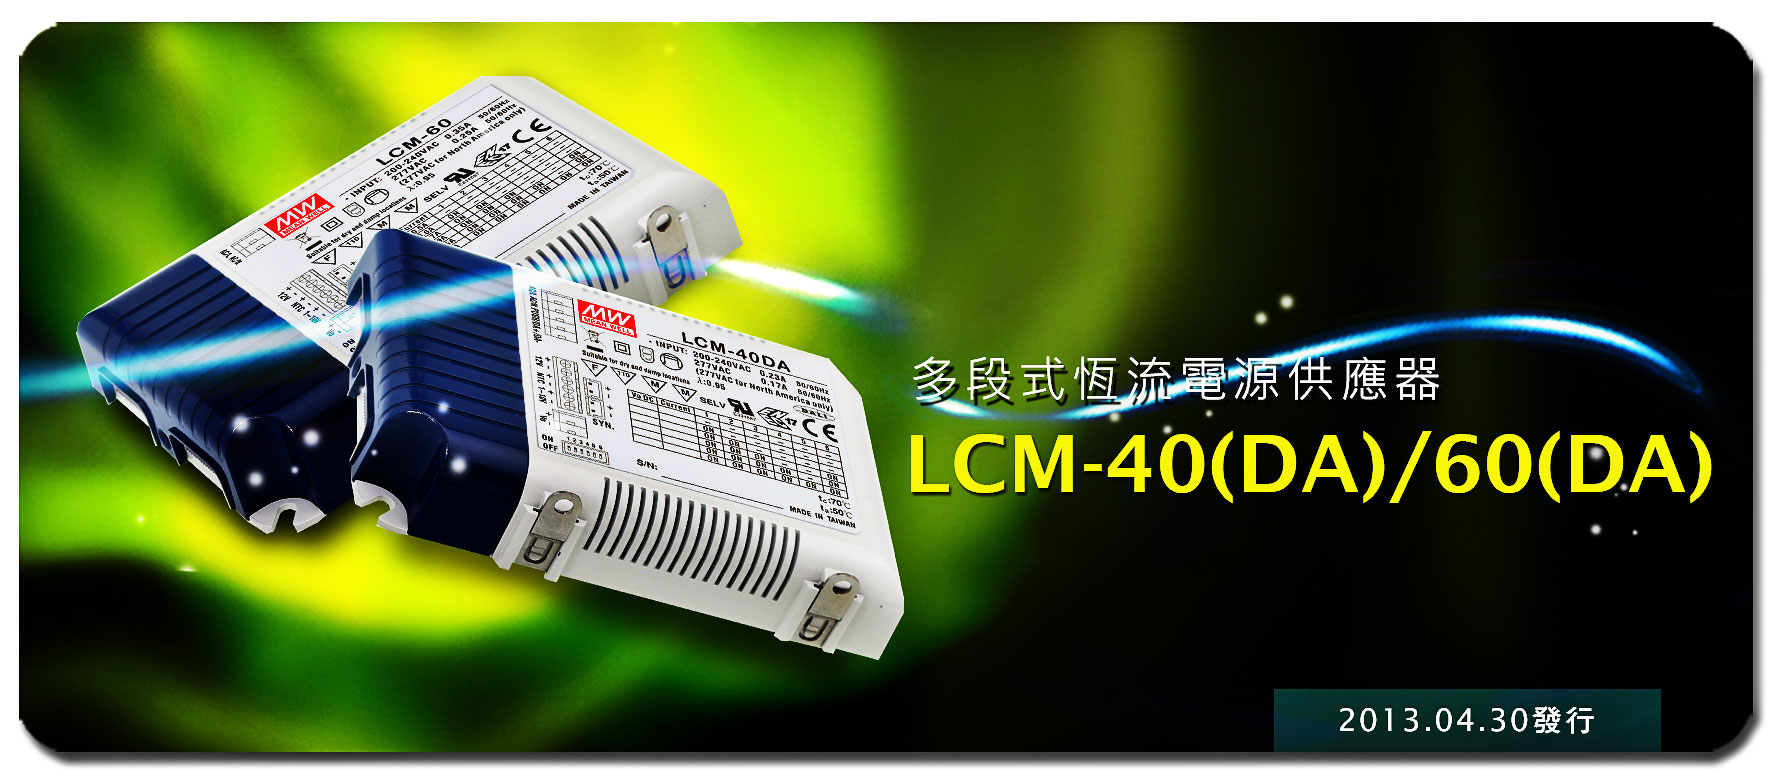 智能型大楼LED电源应用